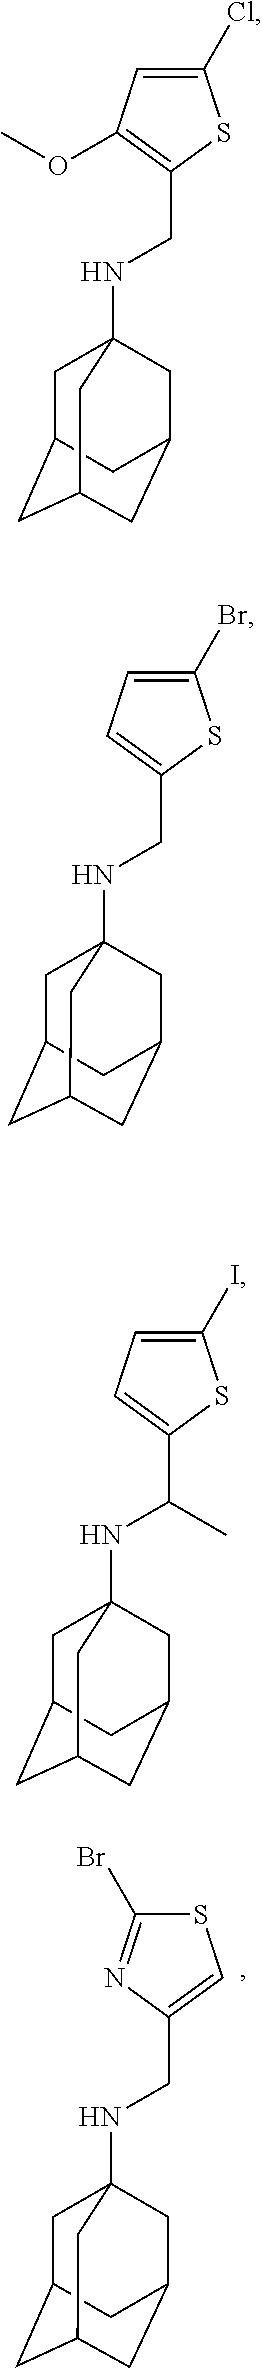 Figure US09884832-20180206-C00044